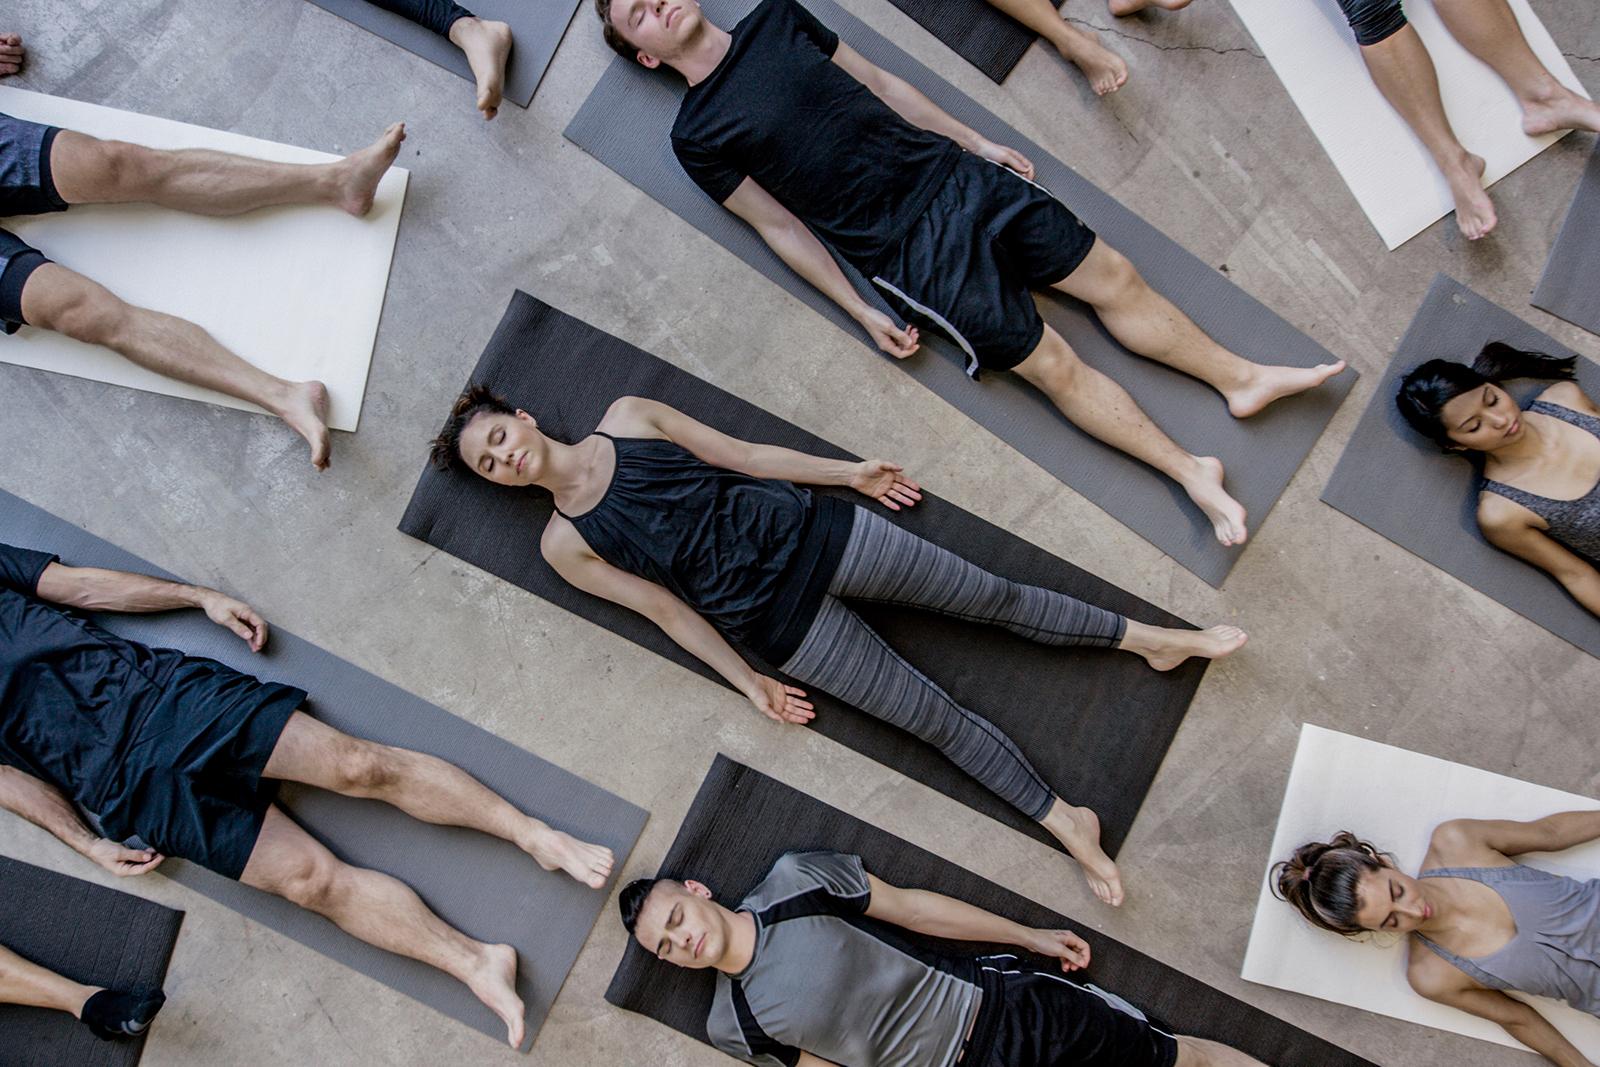 Restorative-Yoga-Corpse-Pose.jpg